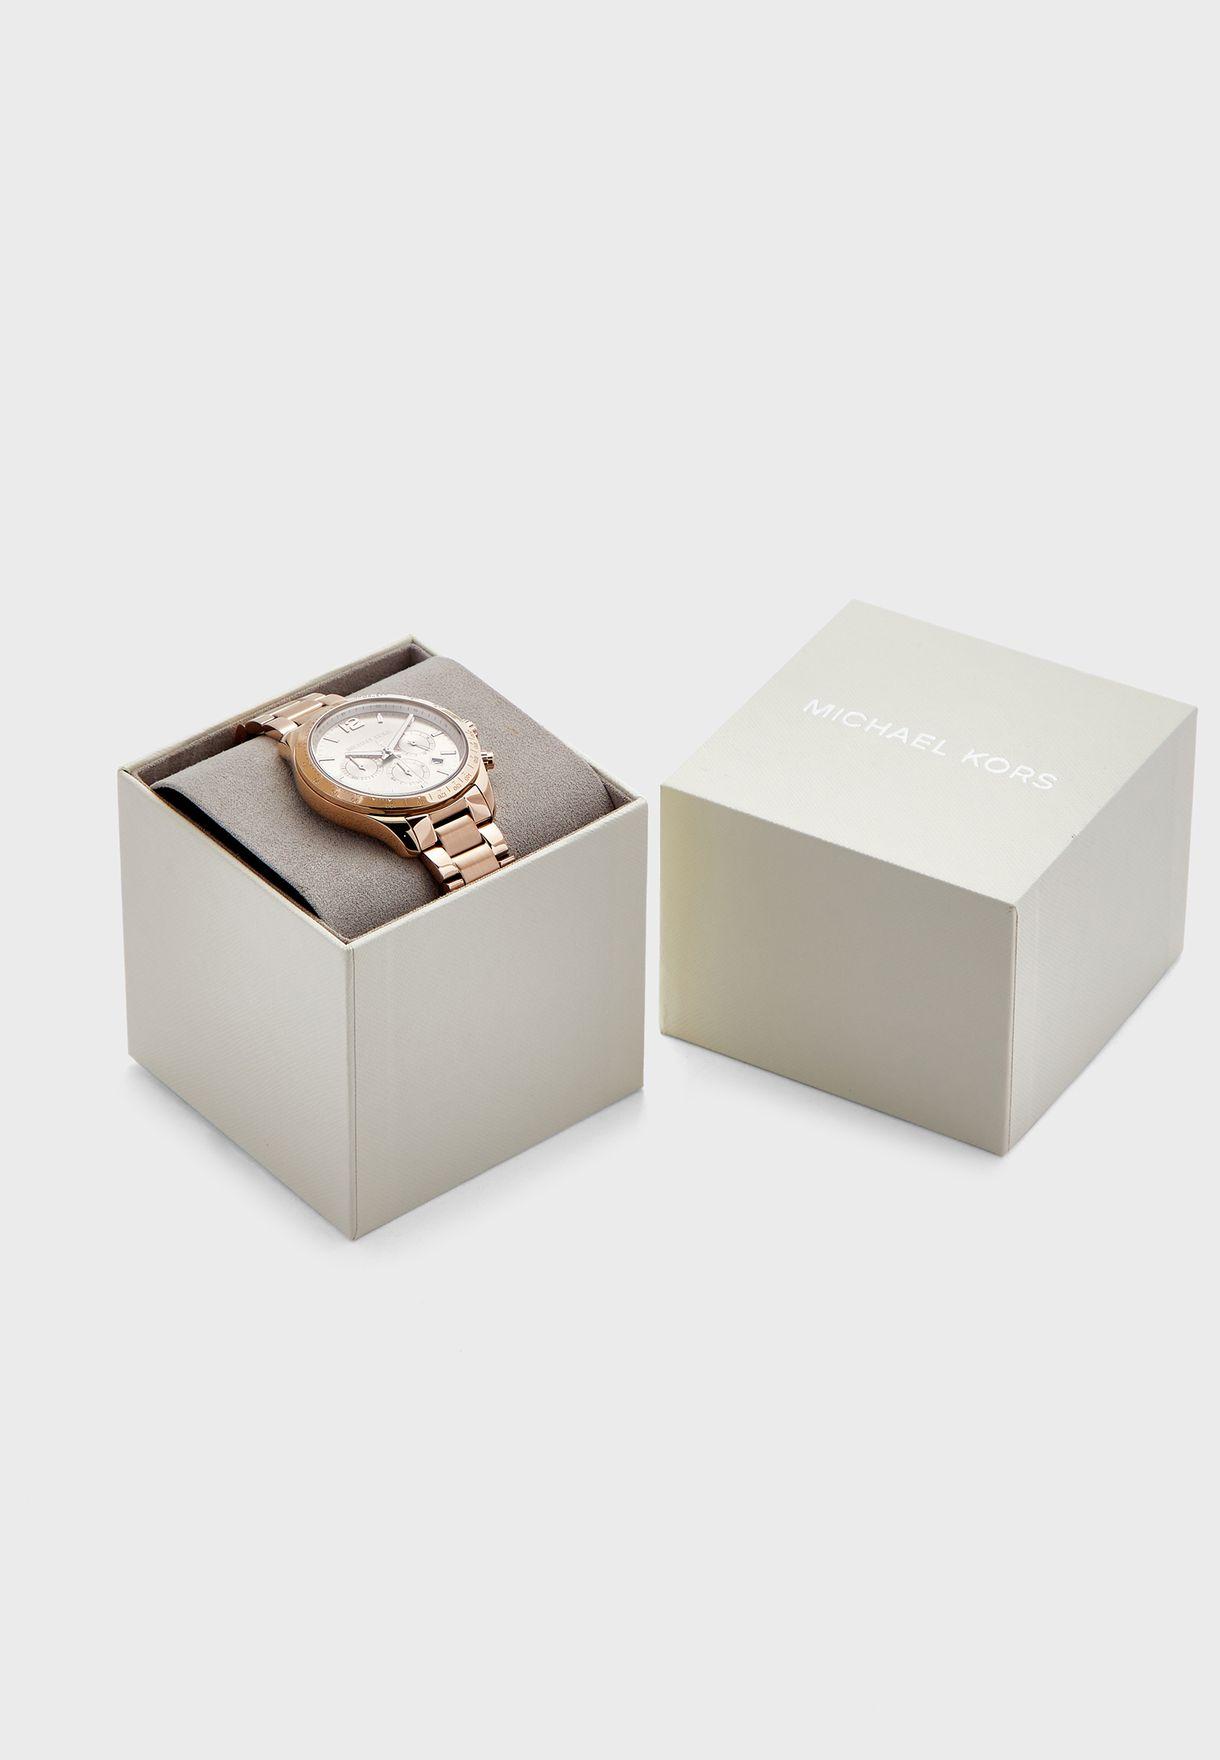 MK6796 Layton Analog Watch